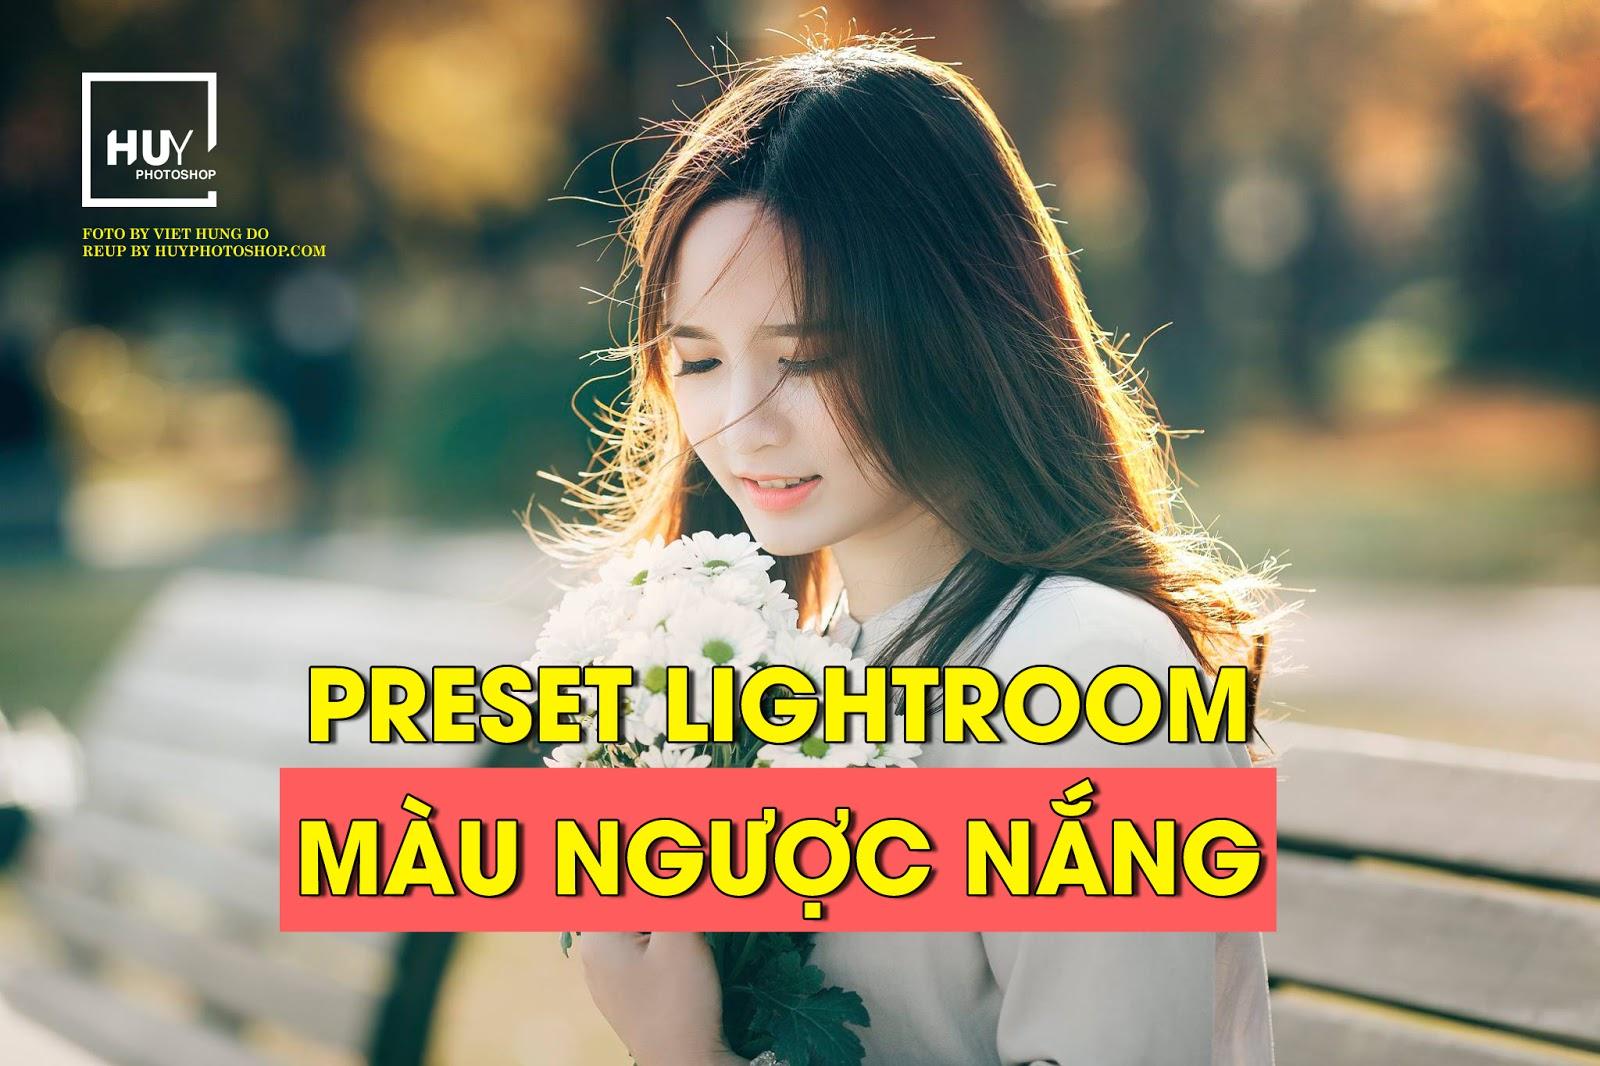 Preset lightroom màu ngược nắng nhẹ